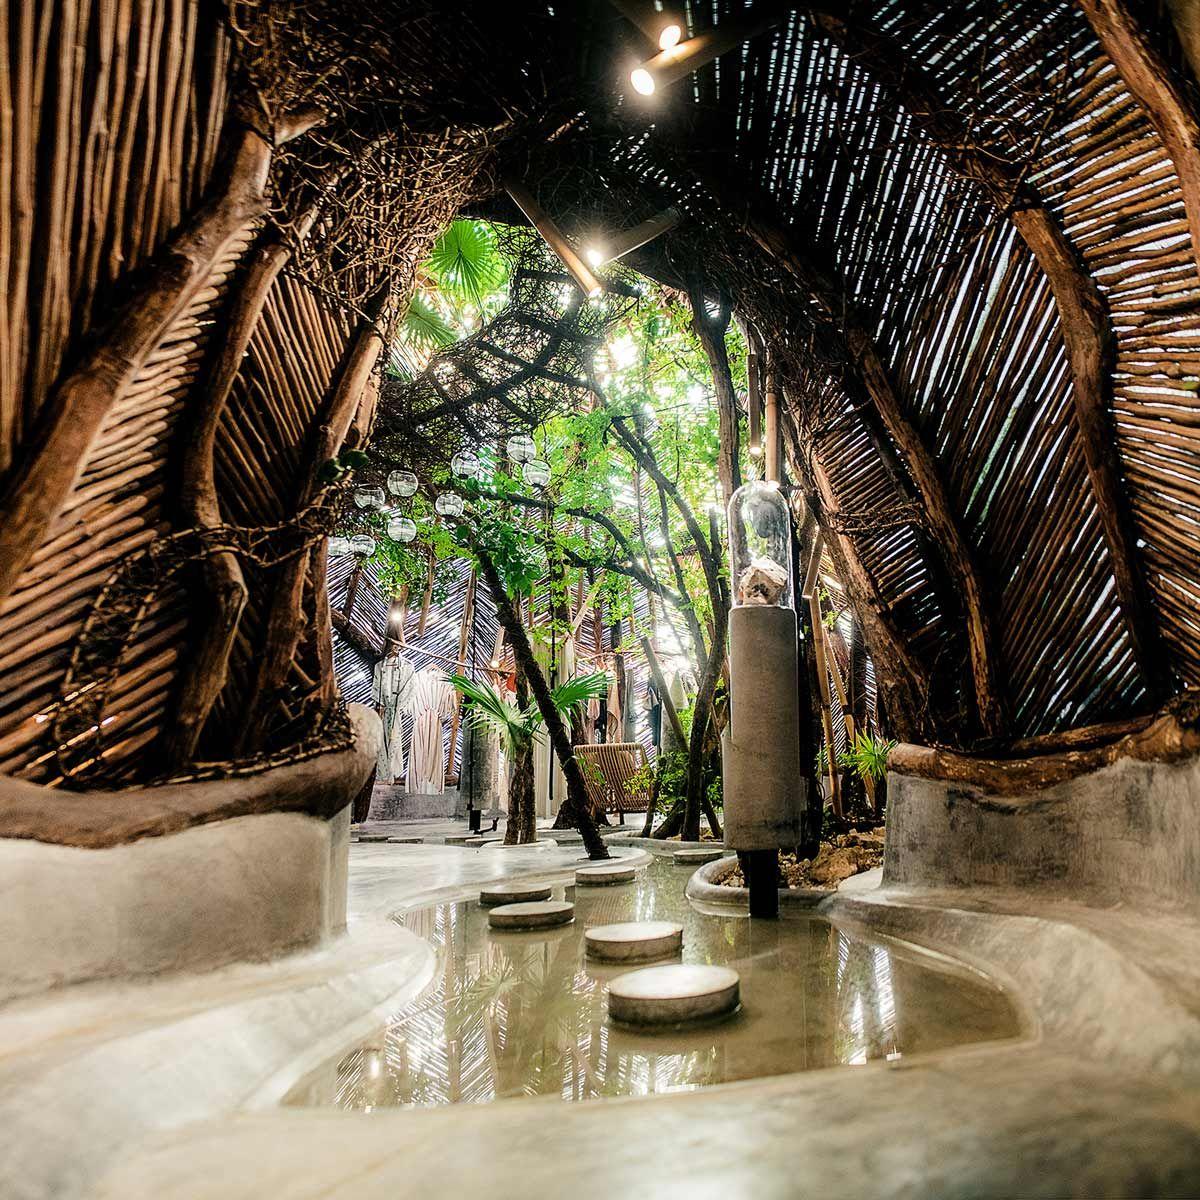 New futuristic boutique zak ik at azulik hotel tulum for Design hotel tulum